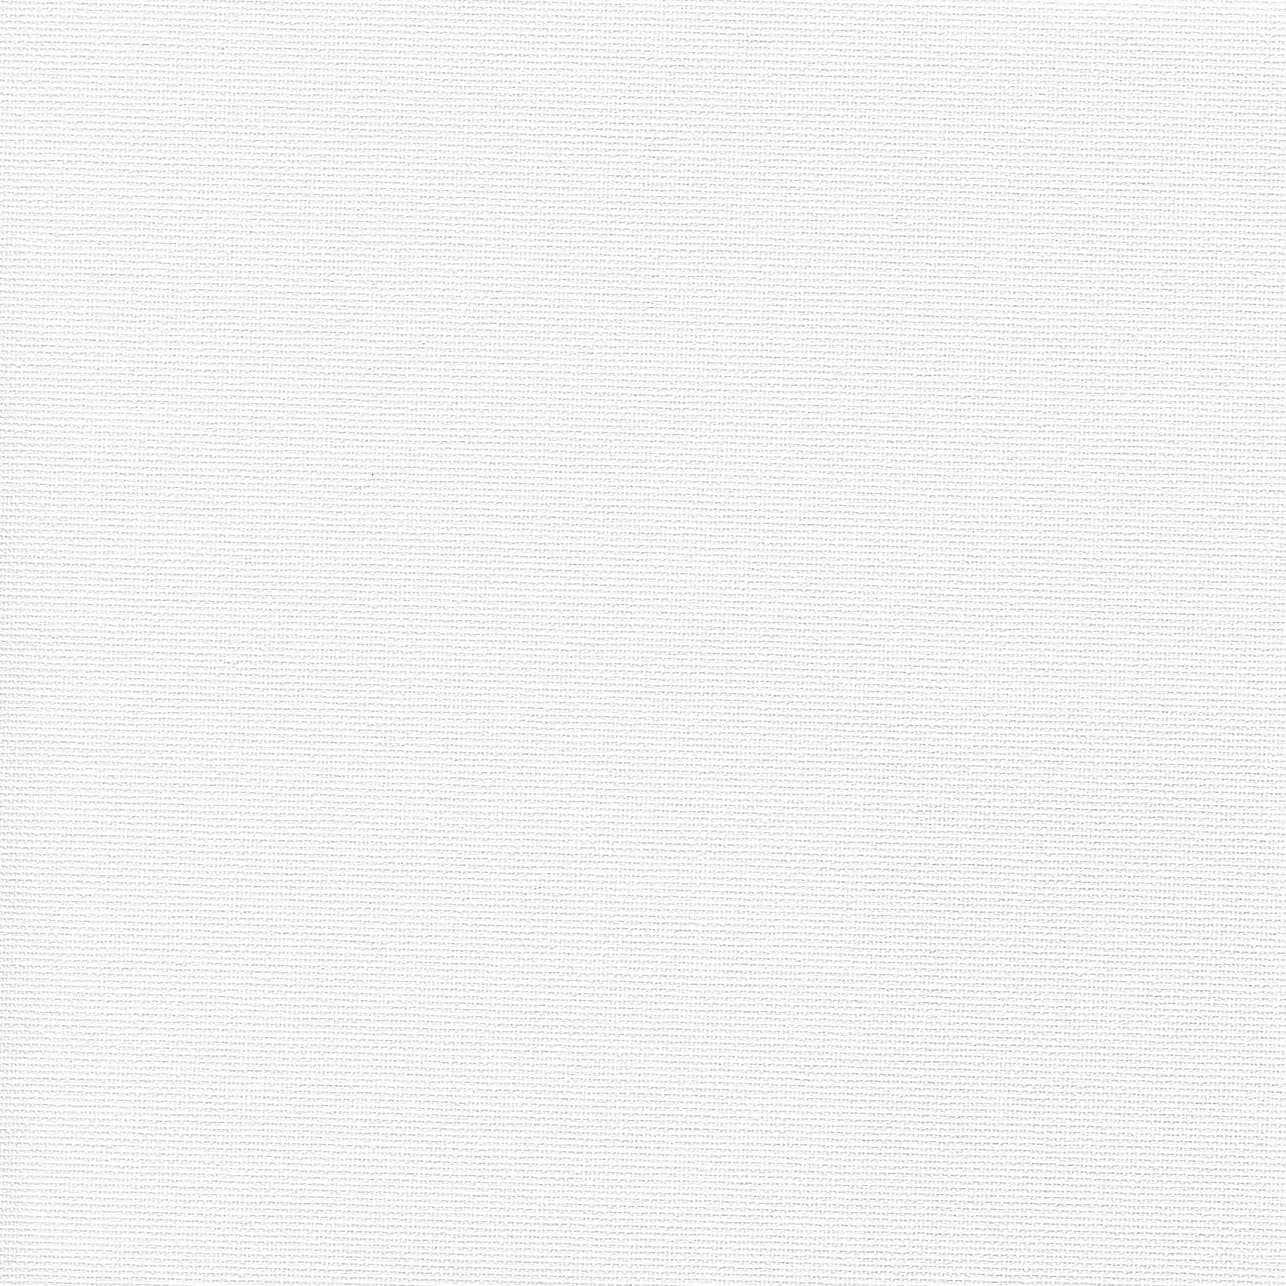 Rolety zwijane transparentne 4905 w kolekcji Rolety zwijane transparentne, tkanina: 4905